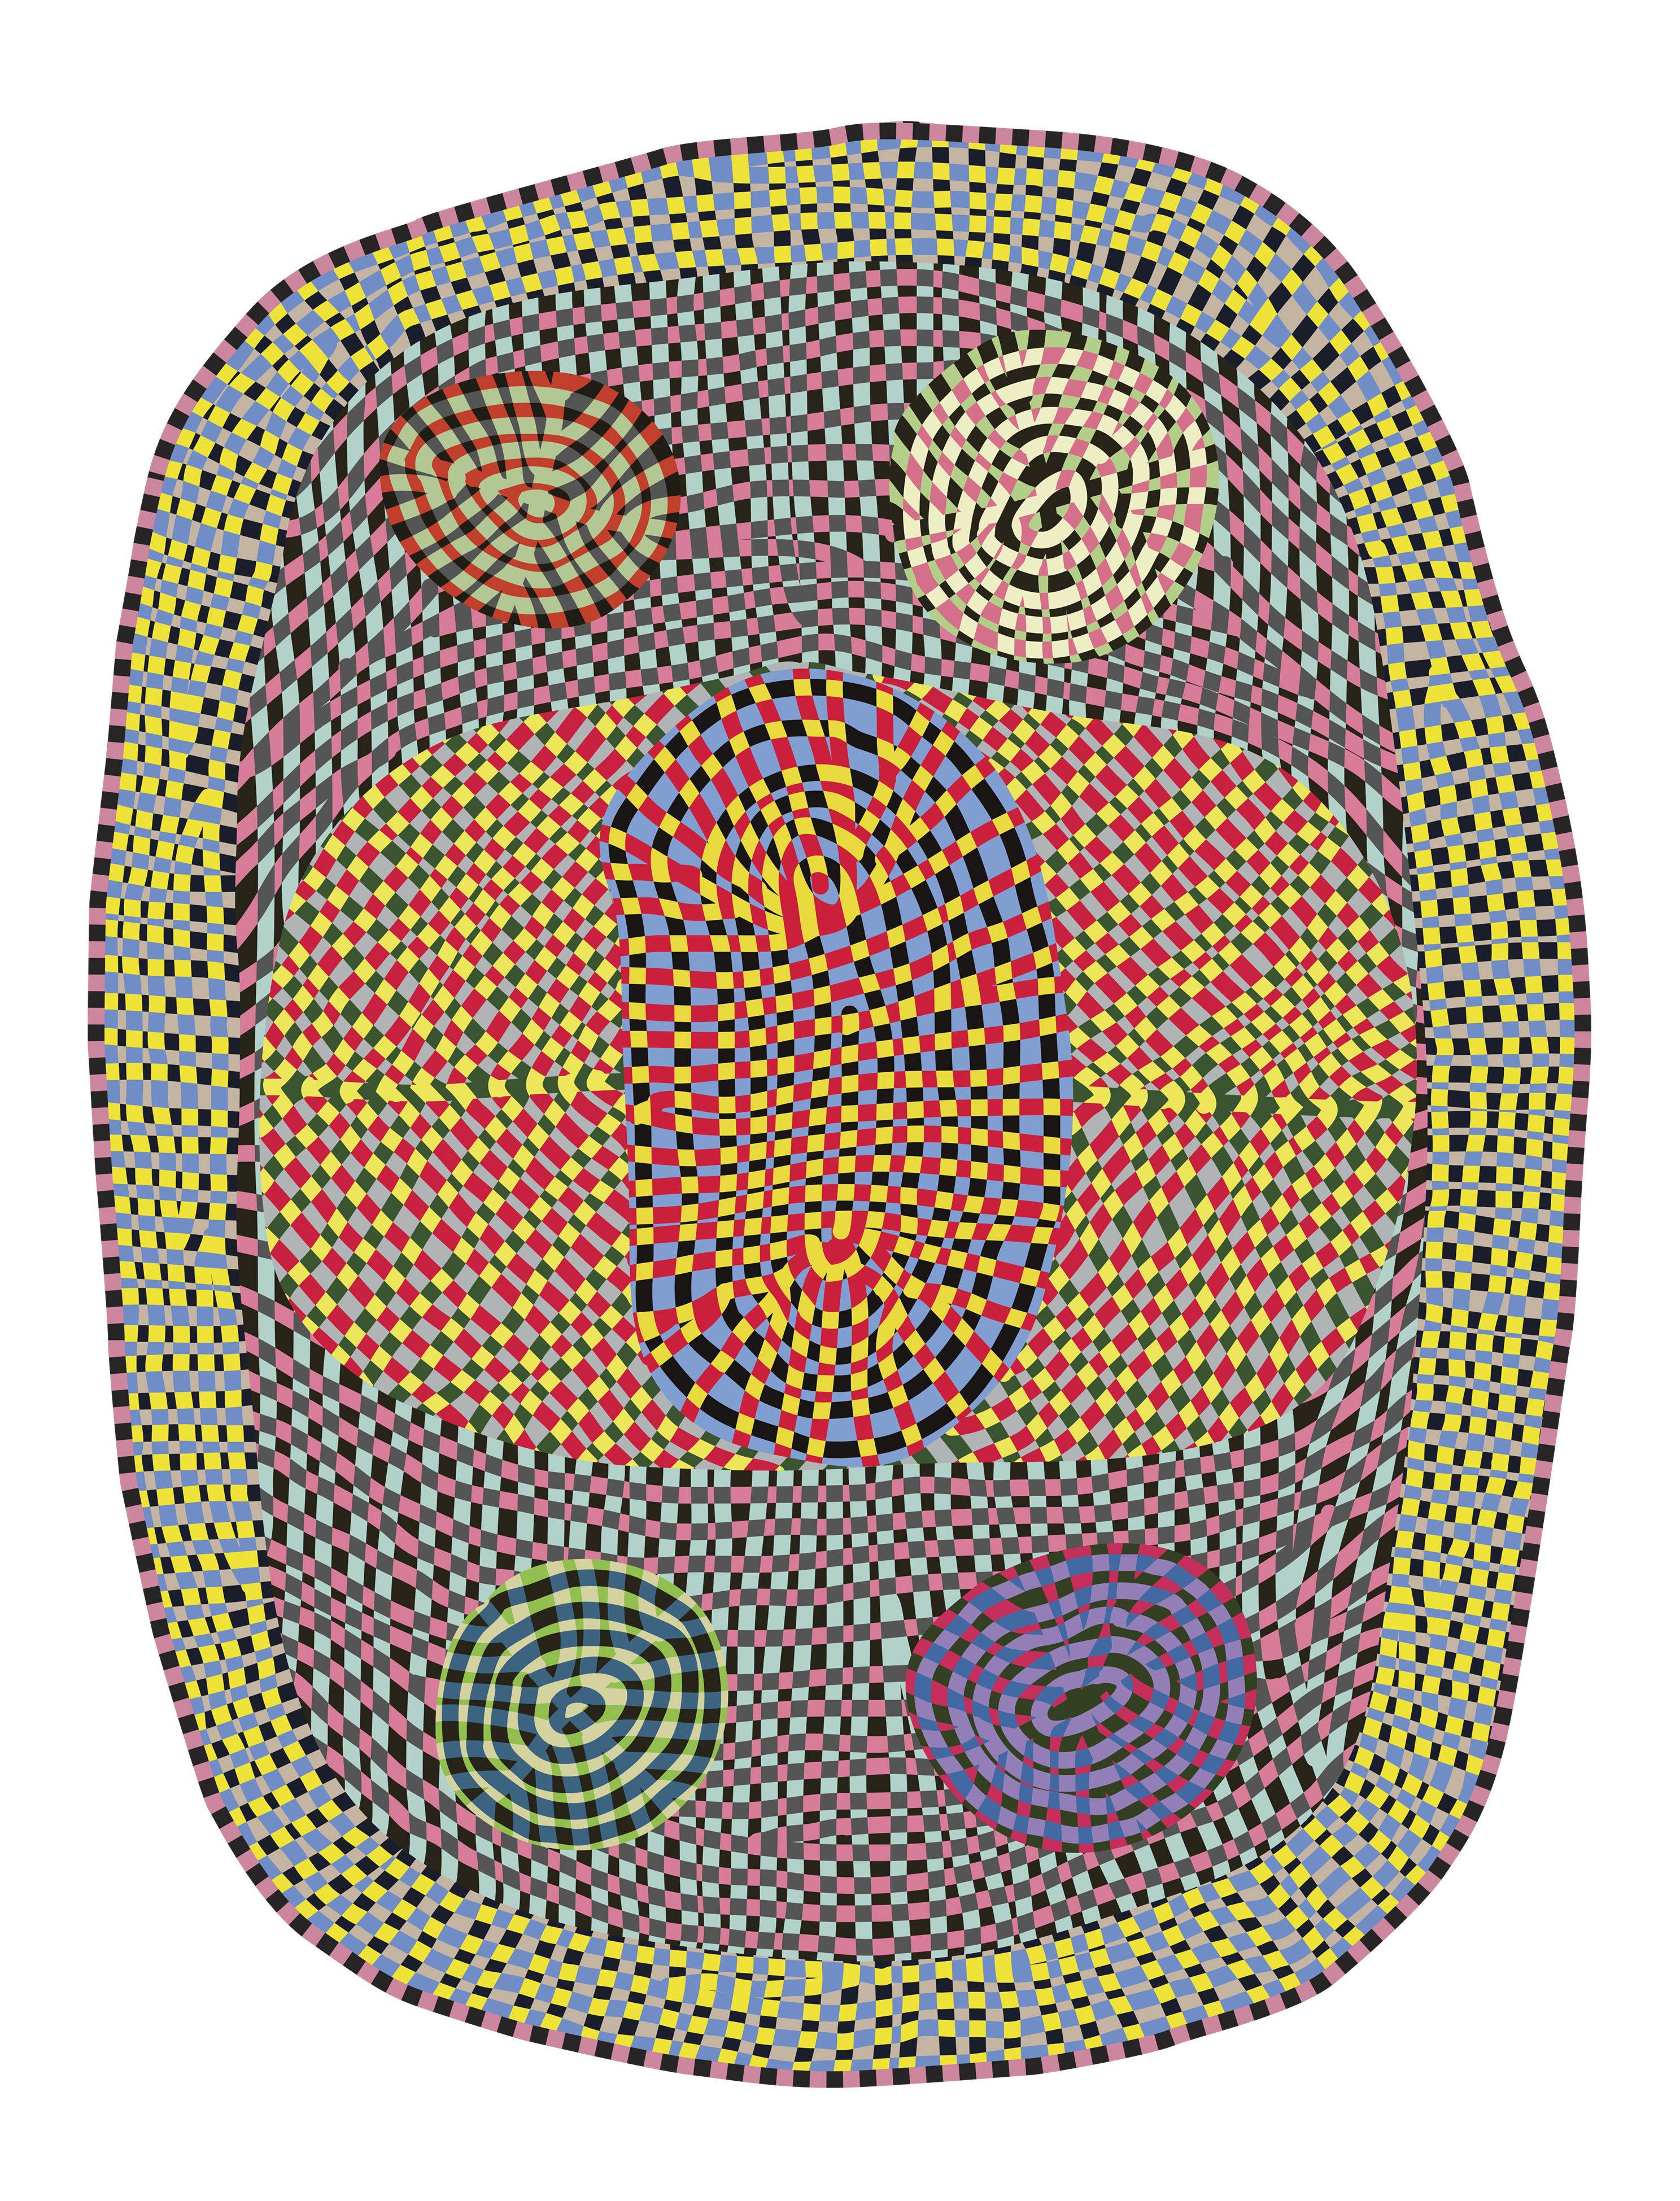 Dekoration - Teppiche - Wild Teppich / 225 x 295 cm - Moooi Carpets - Mehrfarbig - Polyamid